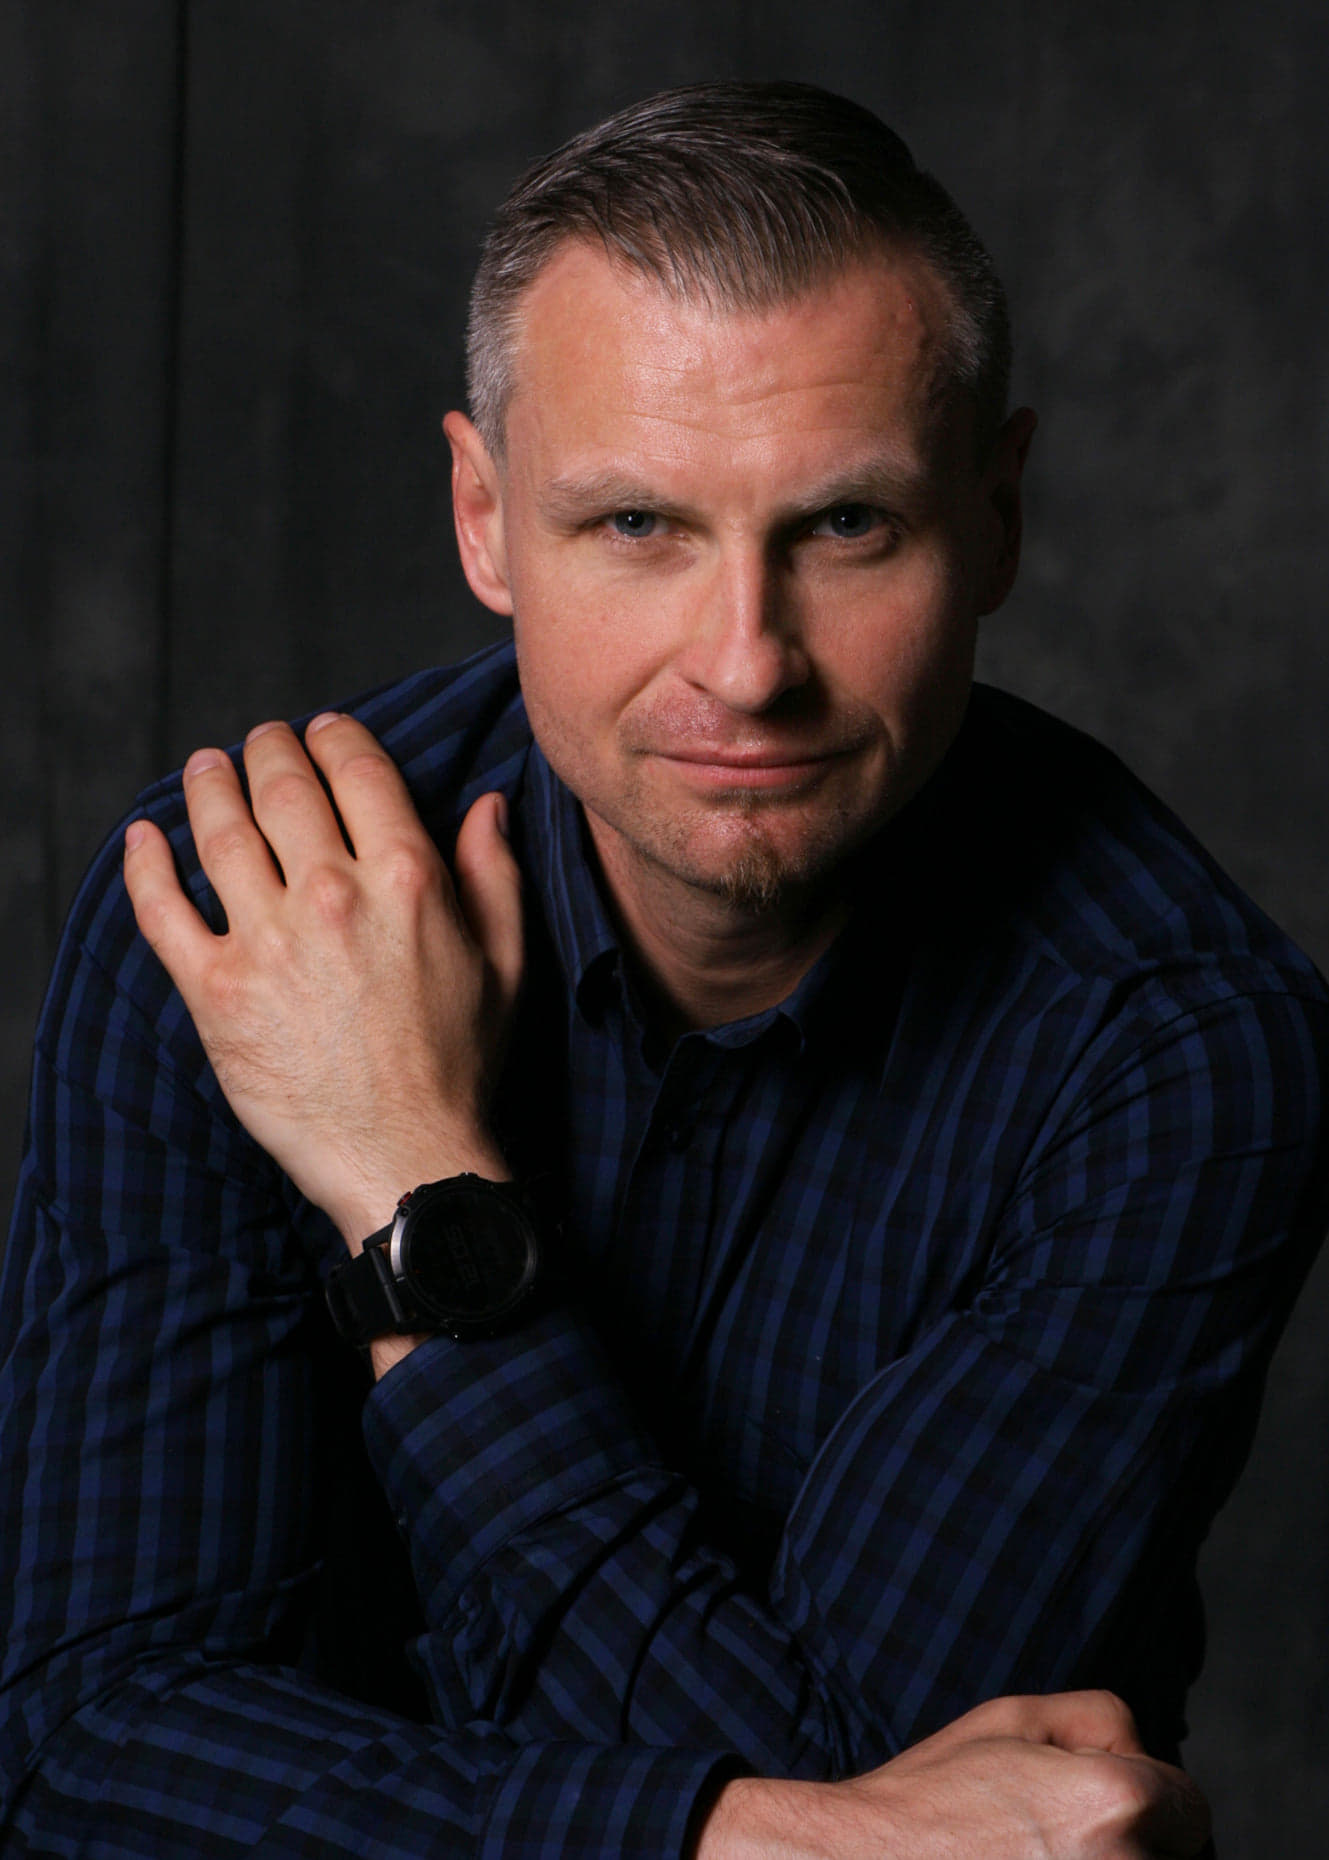 Paweł Kadłubowski